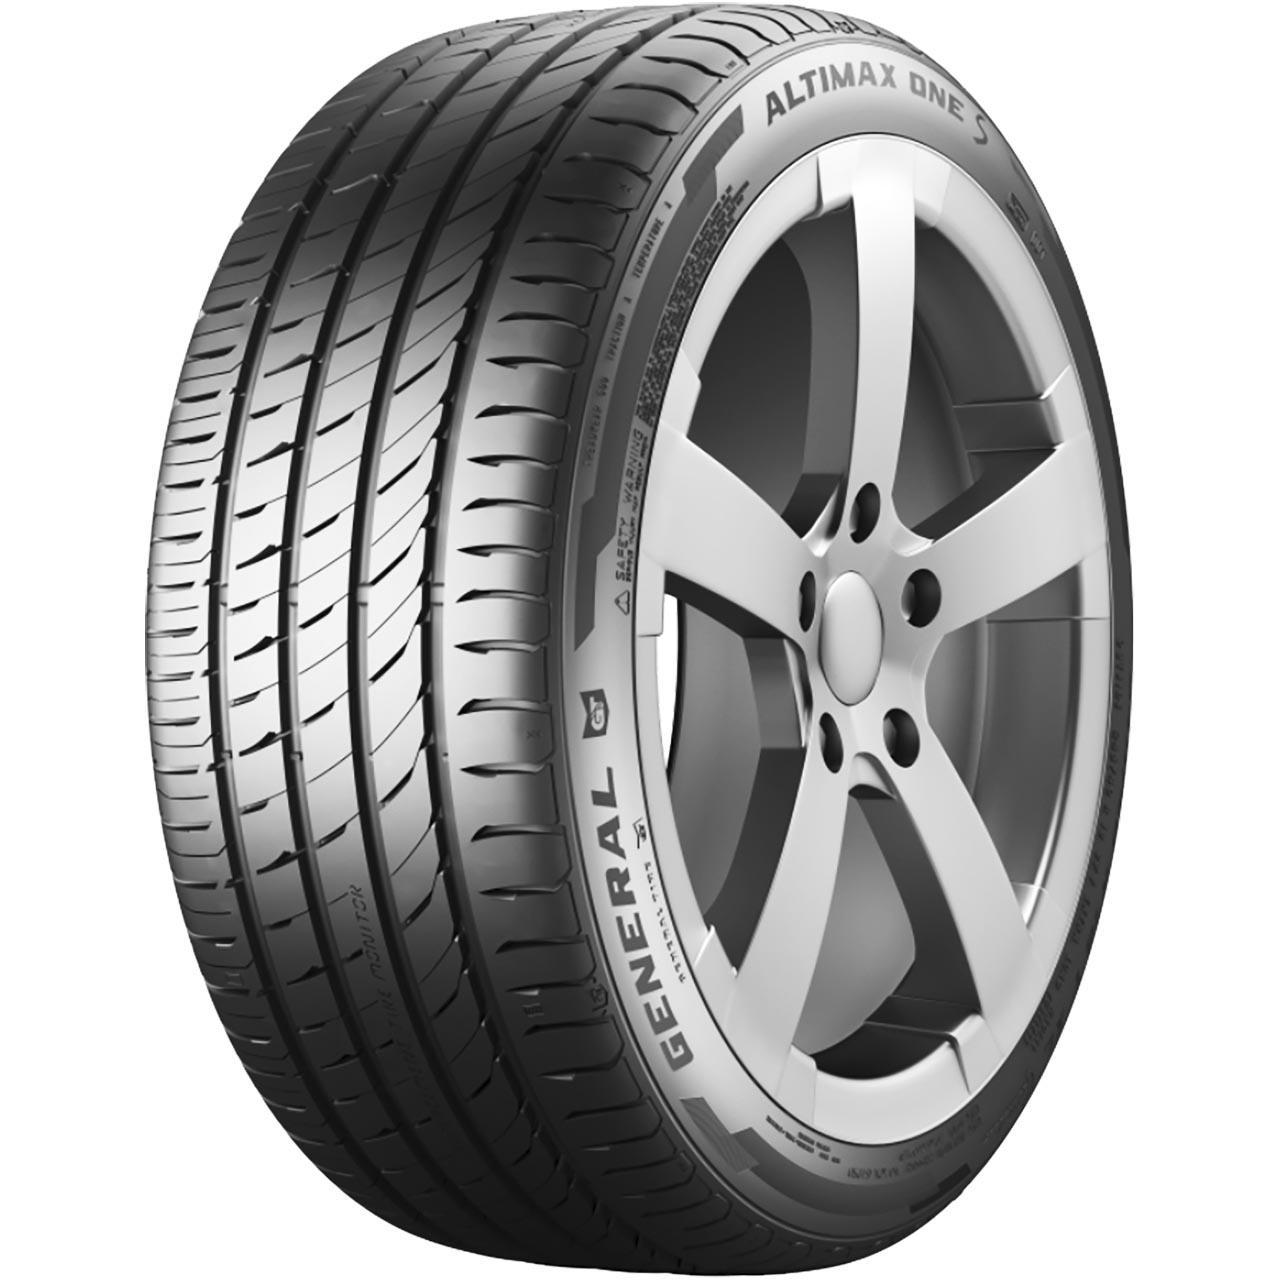 General Tire Altimax ONE S 225/45R17 94Y XL FR